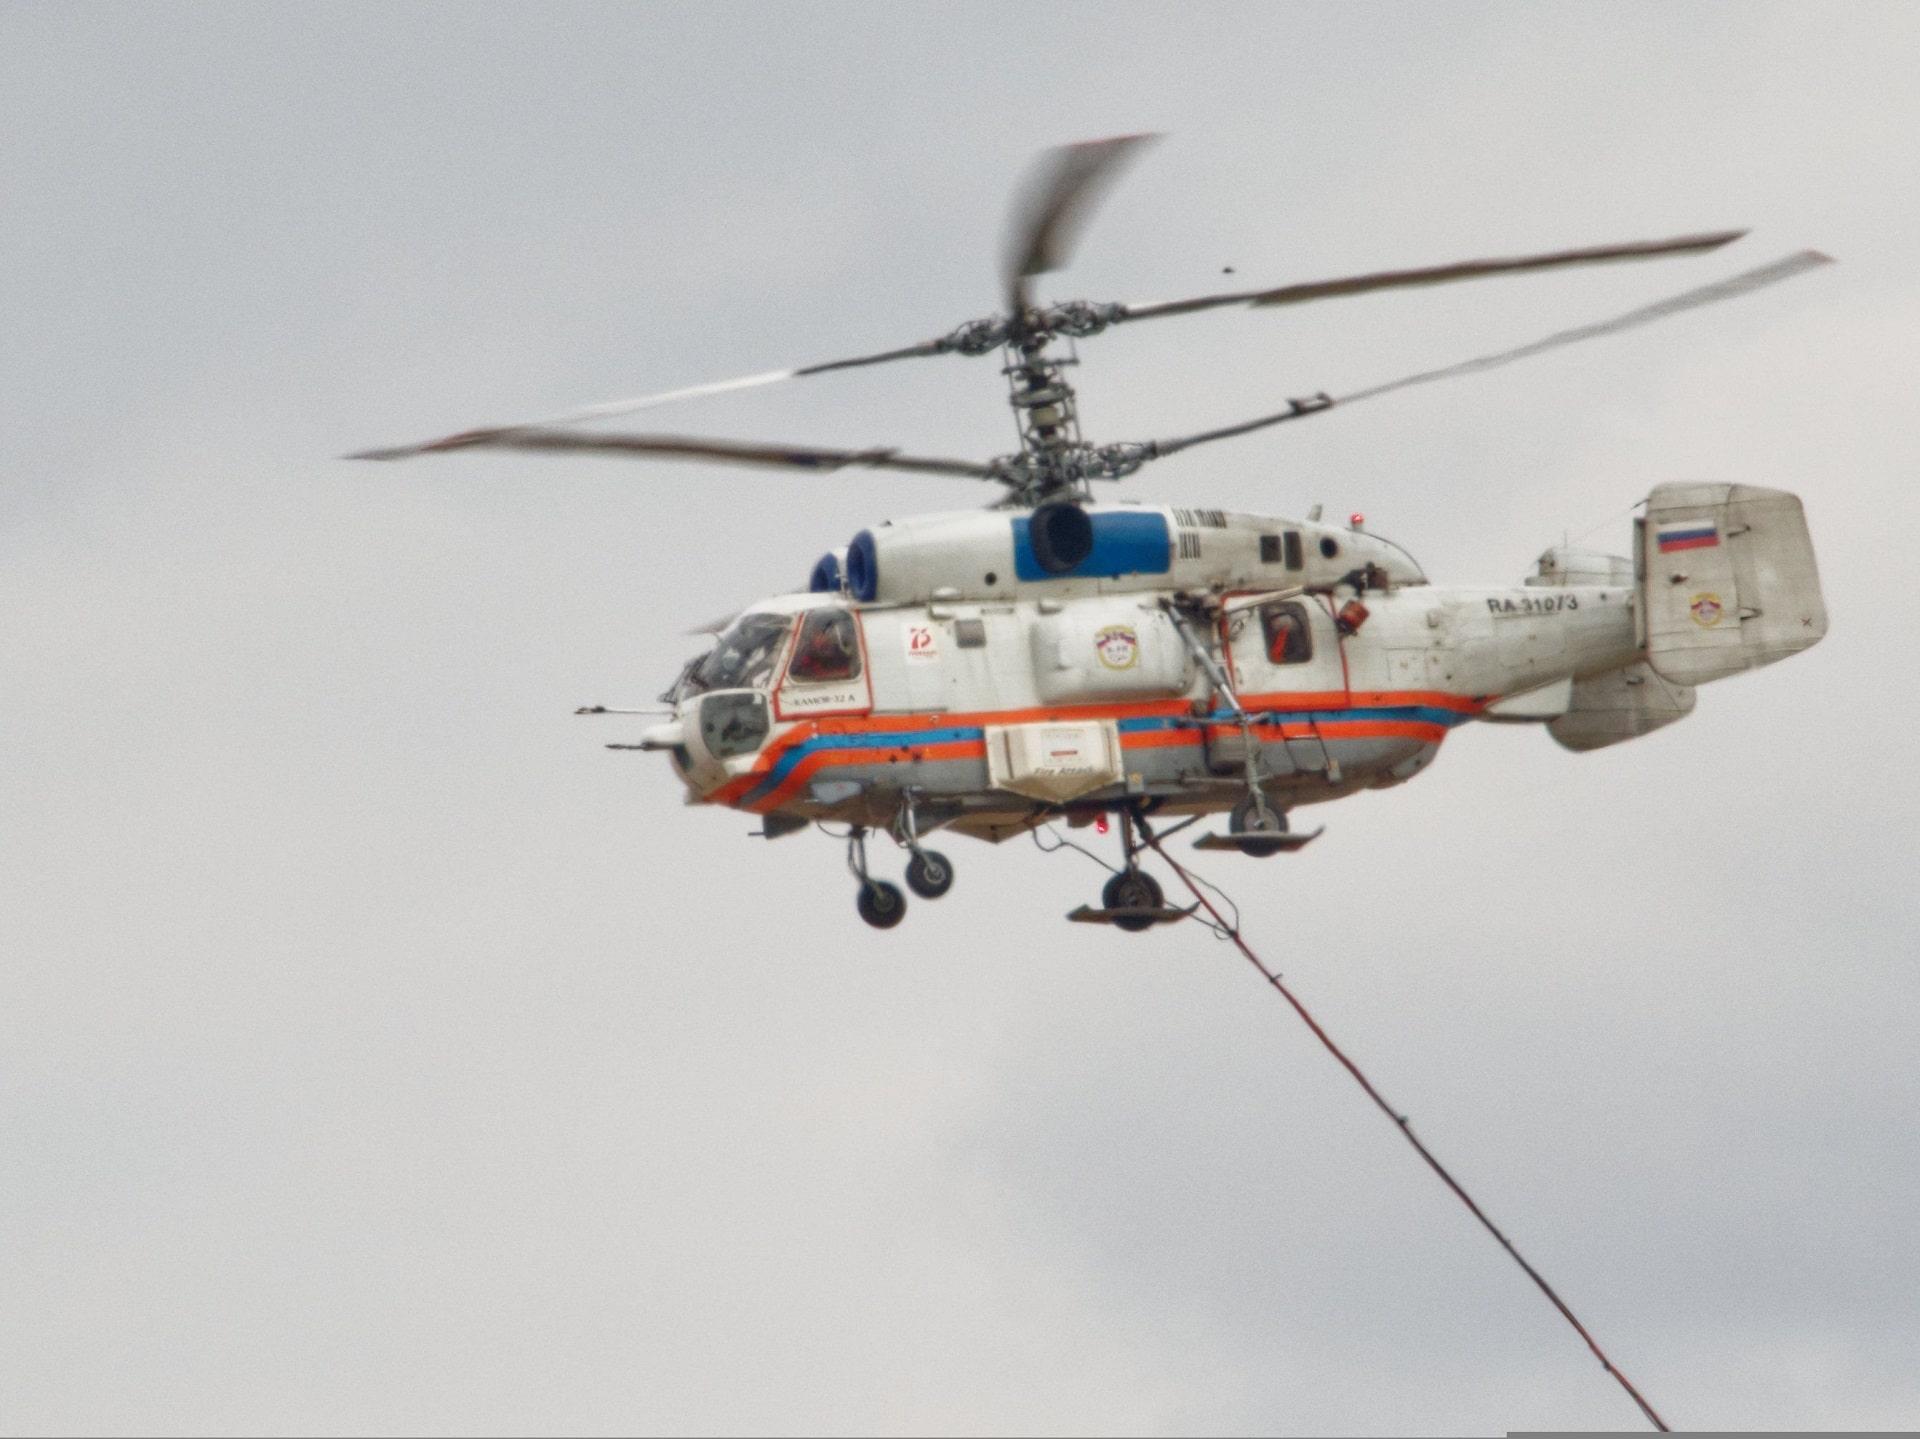 Четыре года назад в столице впервые было организовано круглосуточное дежурство пожарных вертолетов